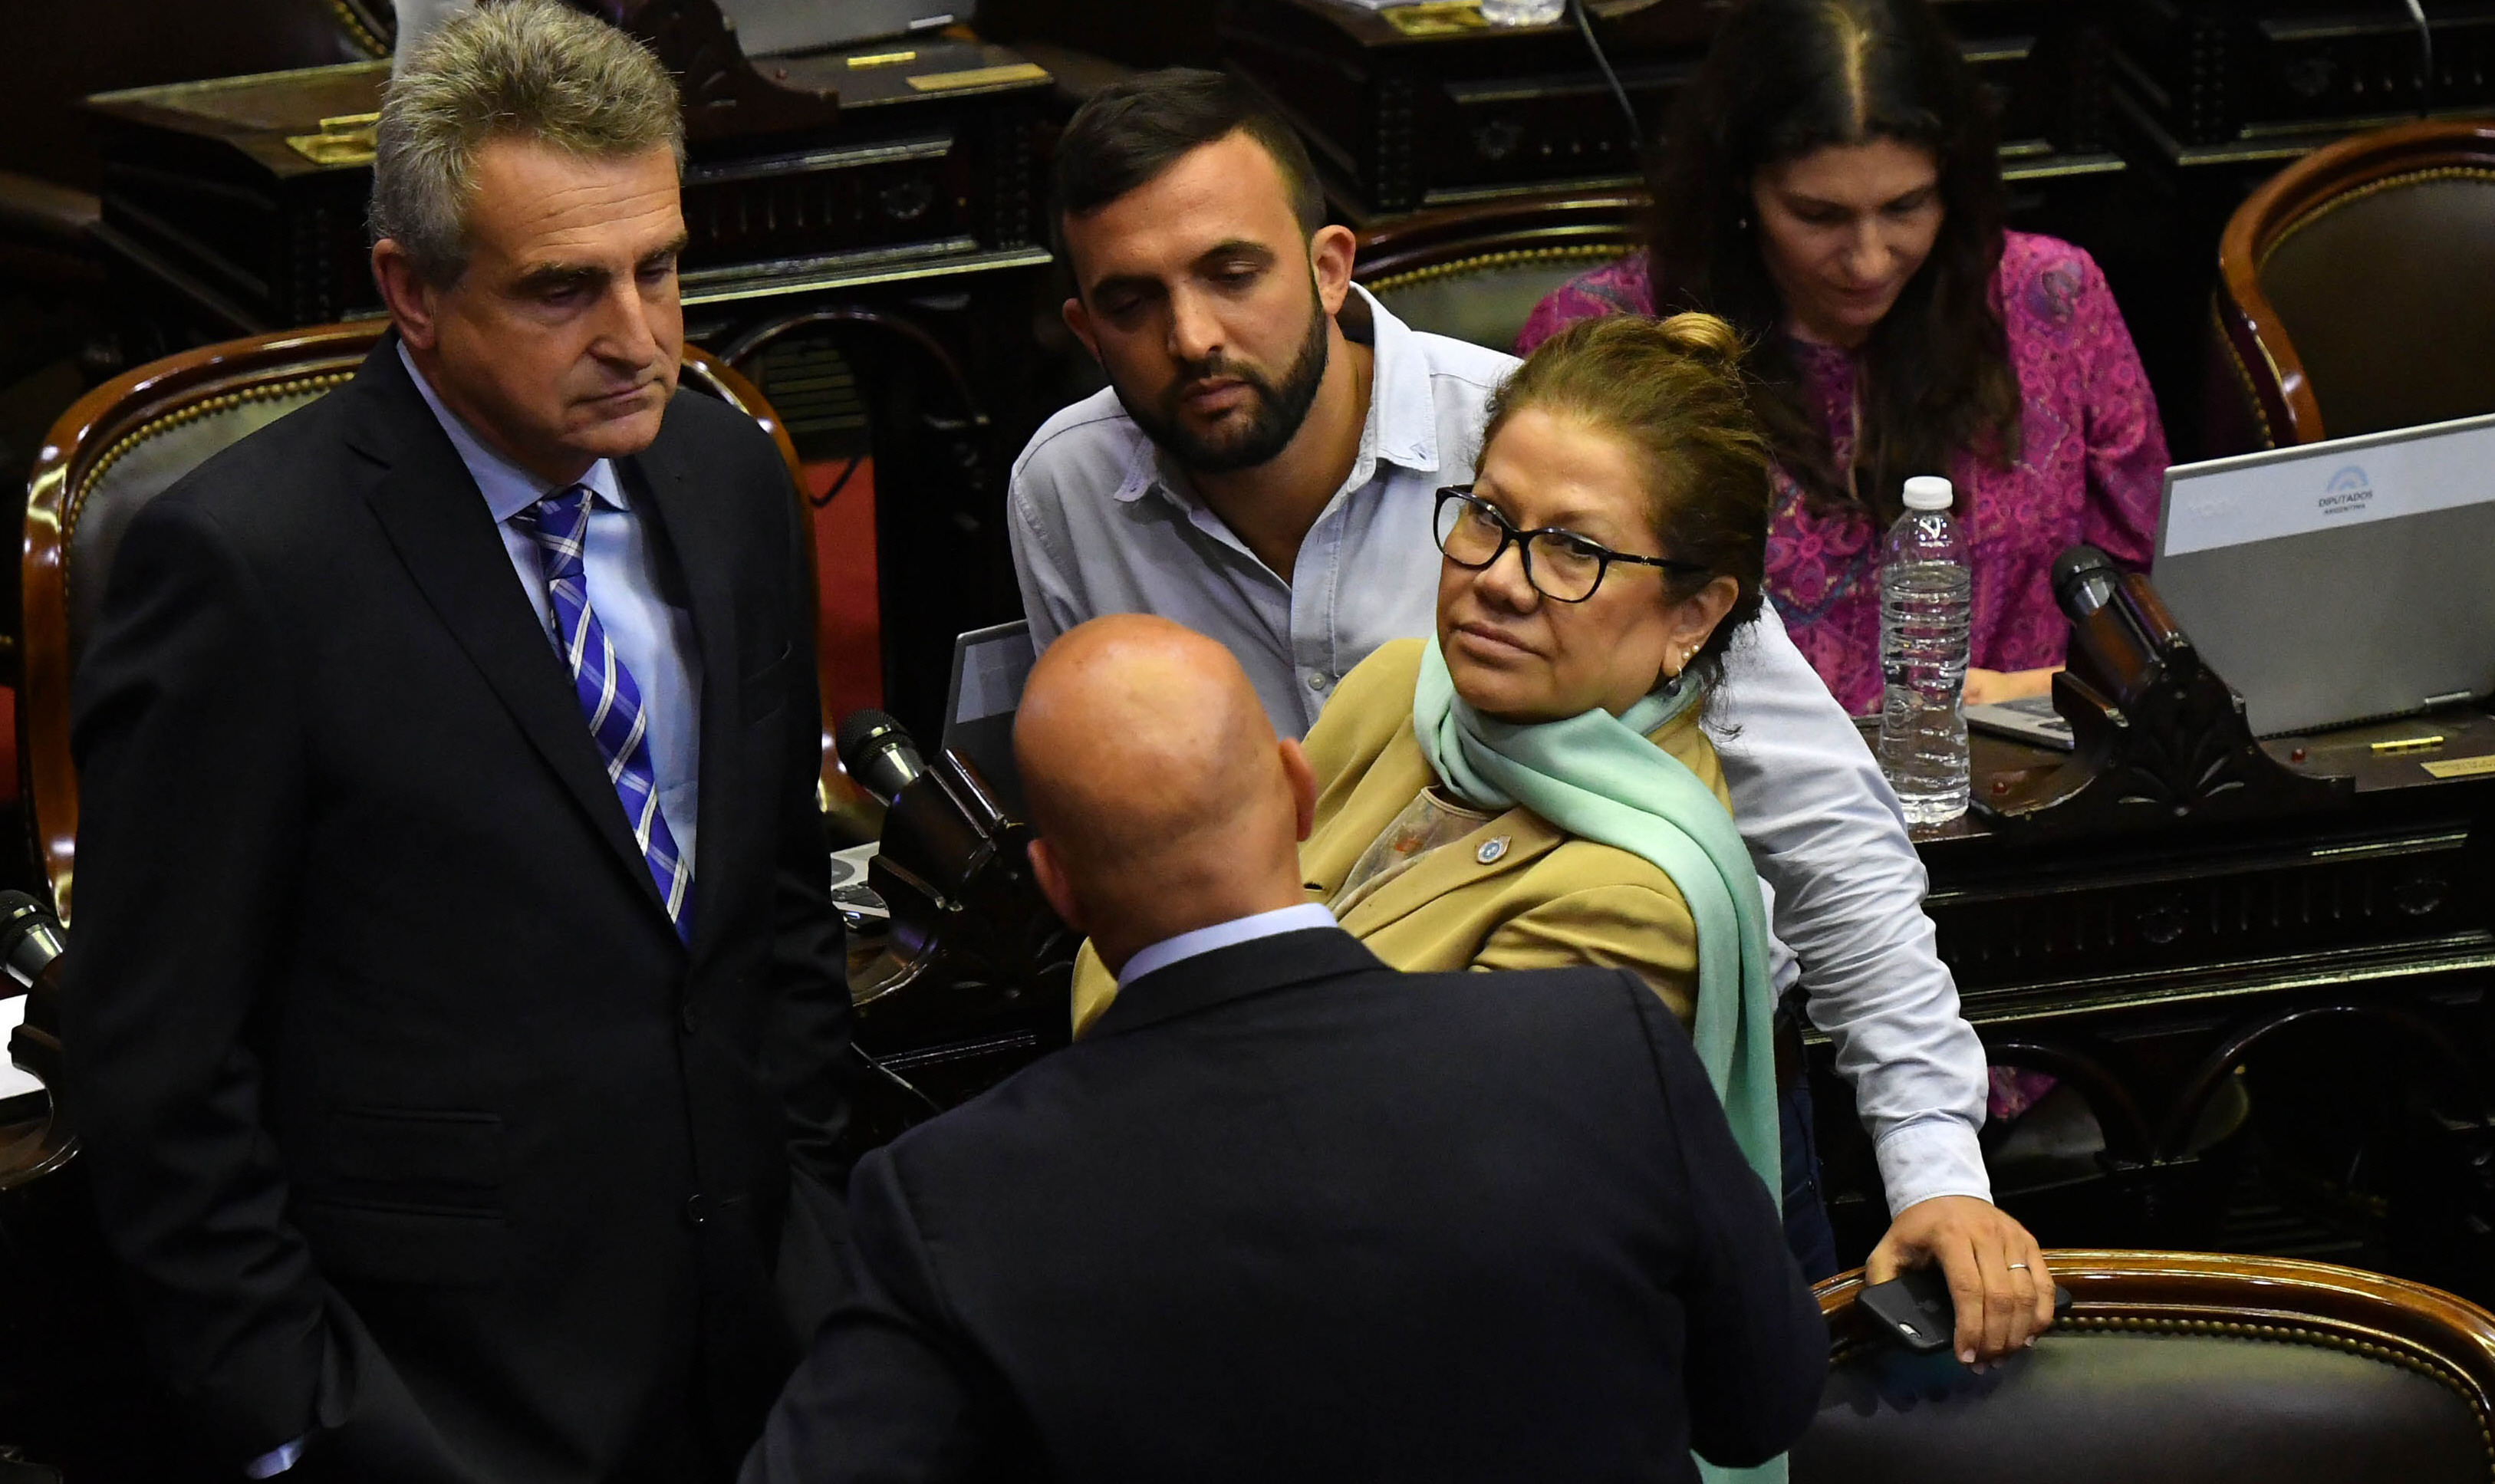 La oposición buscará la unificación de criterios para impulsar una sesión especial el próximo jueves.